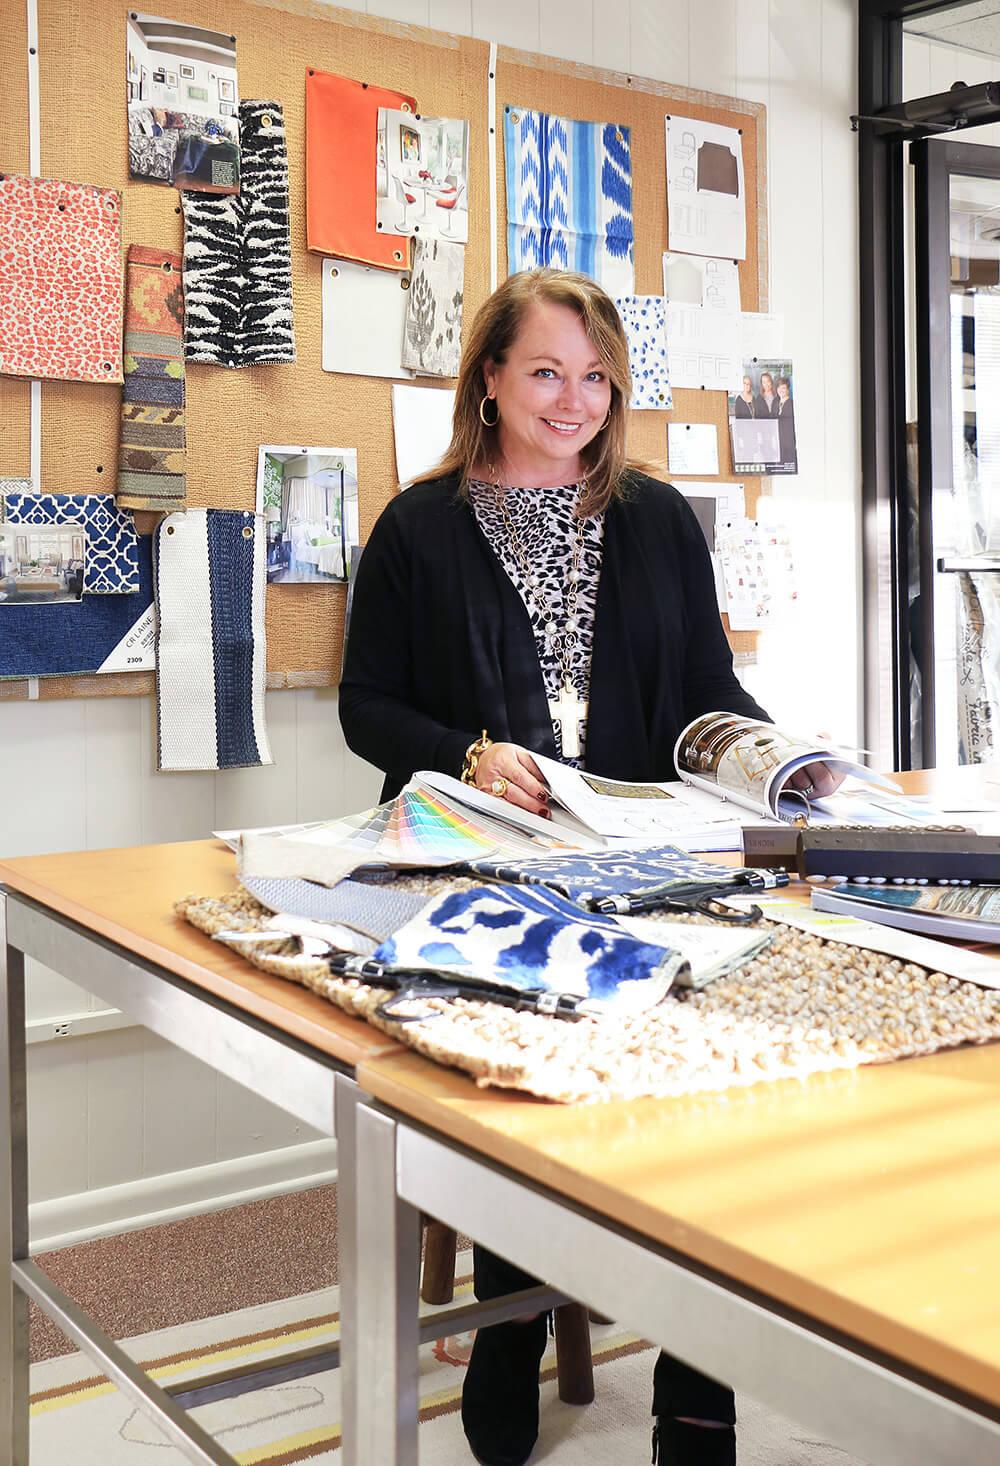 Sharon-Nussbaum-Designer-2